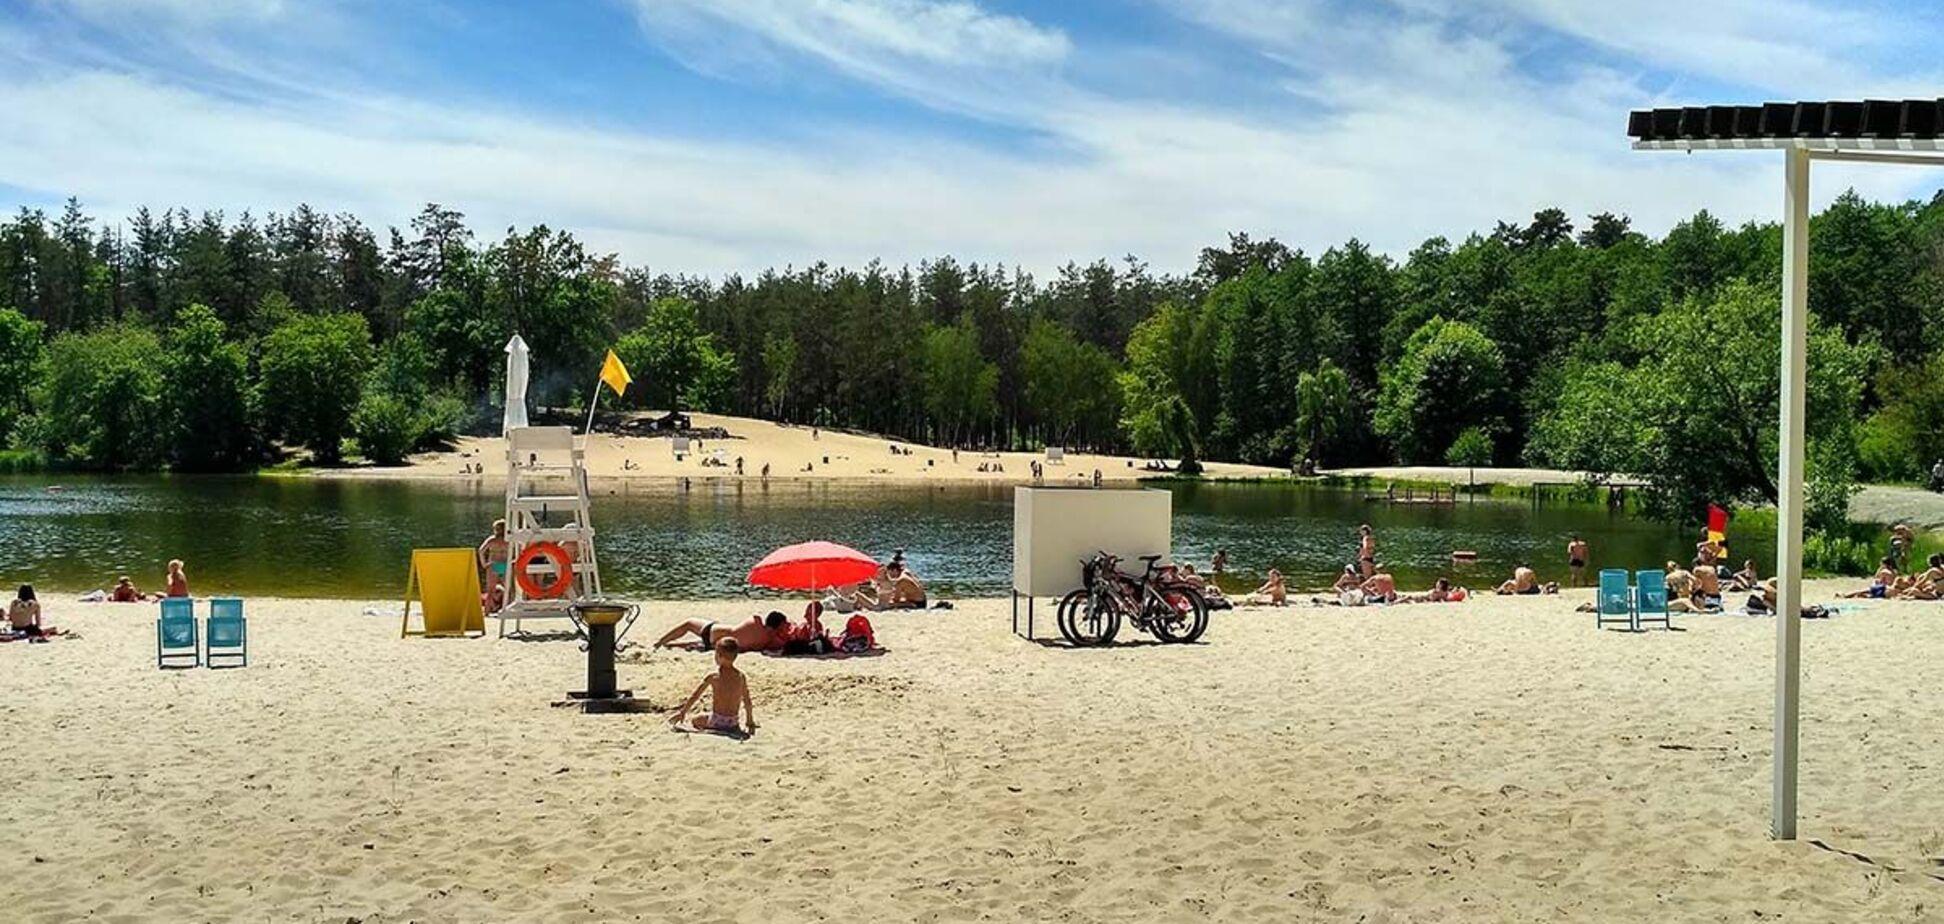 Де в Києві заборонено купатися